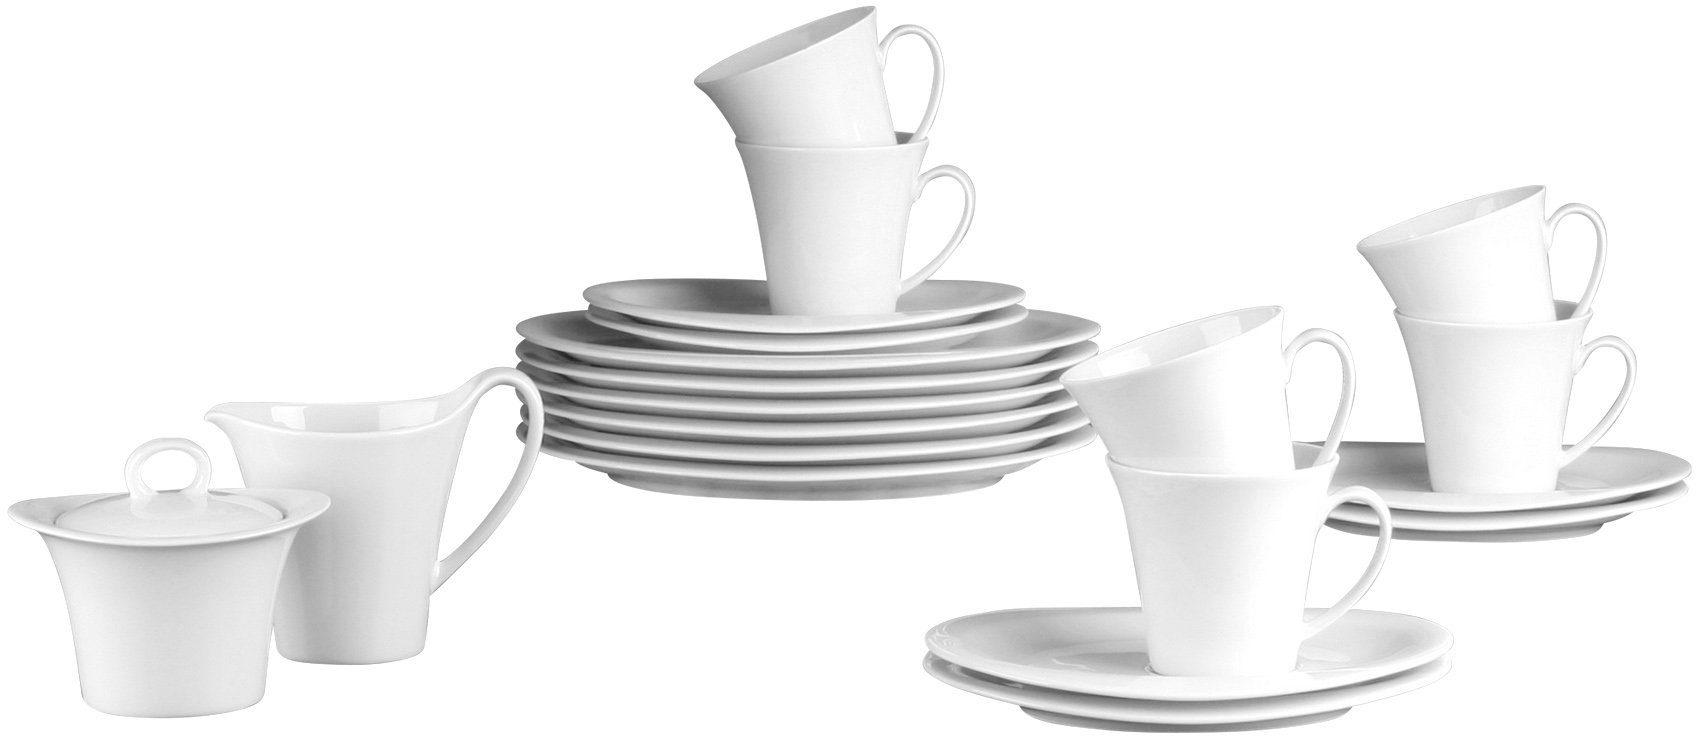 Seltmann Weiden Kaffeeservice »TOP LIFE« (20-tlg), Porzellan, Spülmaschinengeeignet